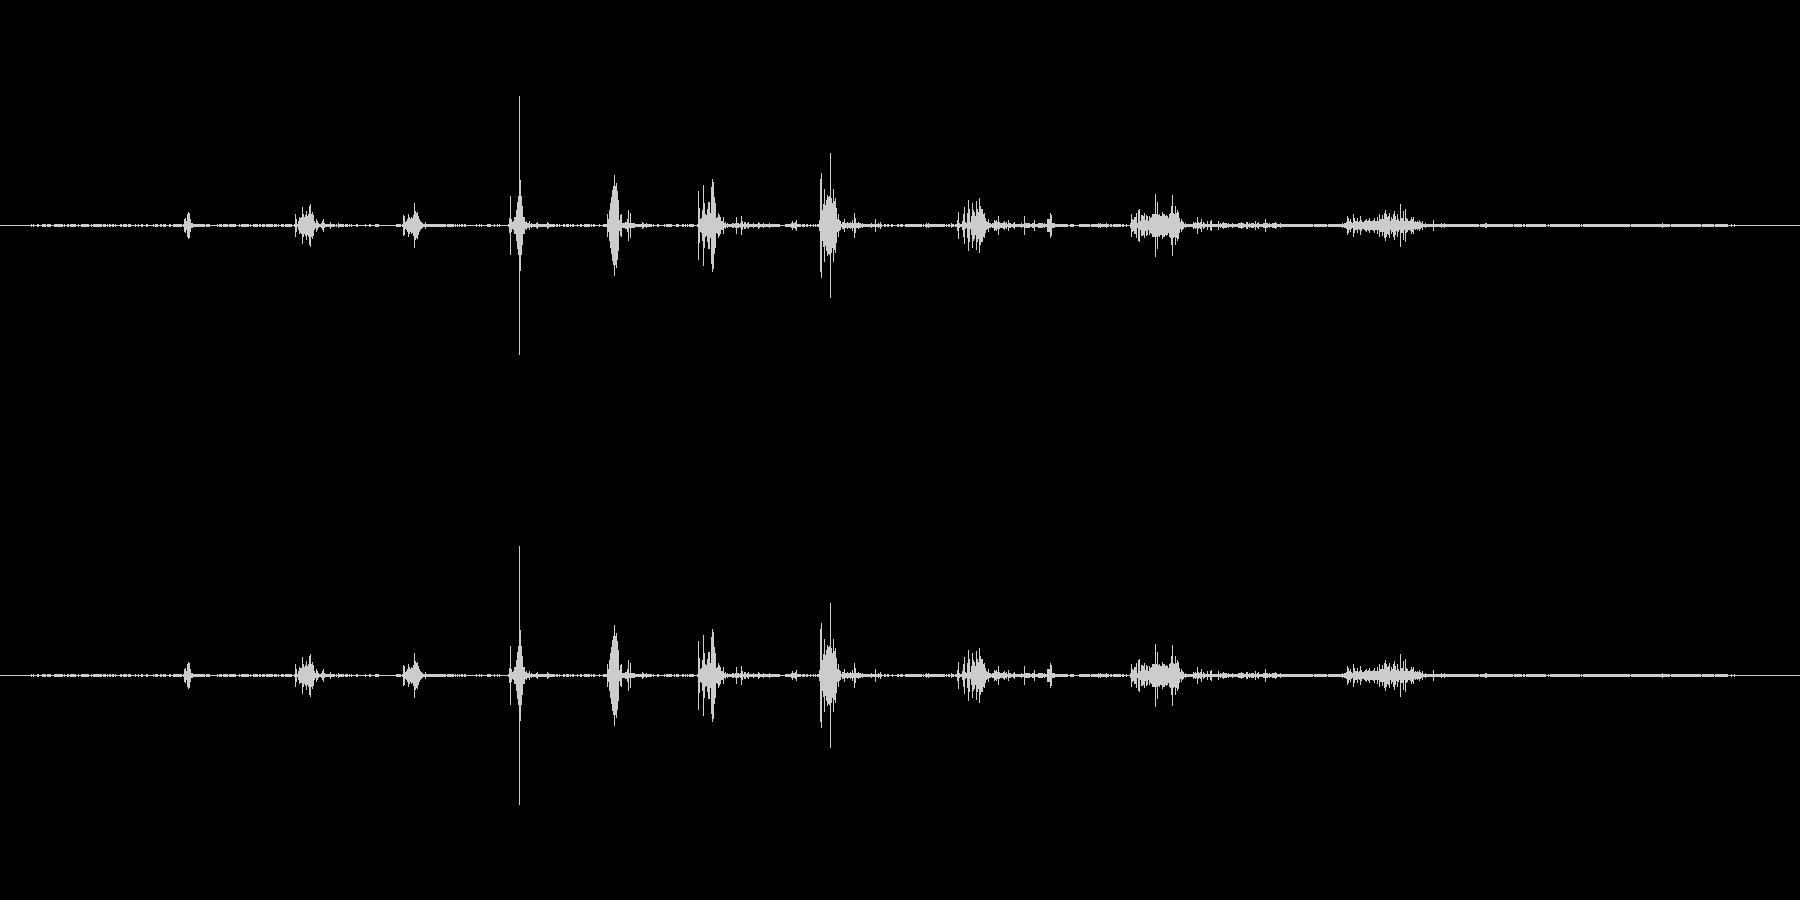 ザッザッジリ...という足音の未再生の波形